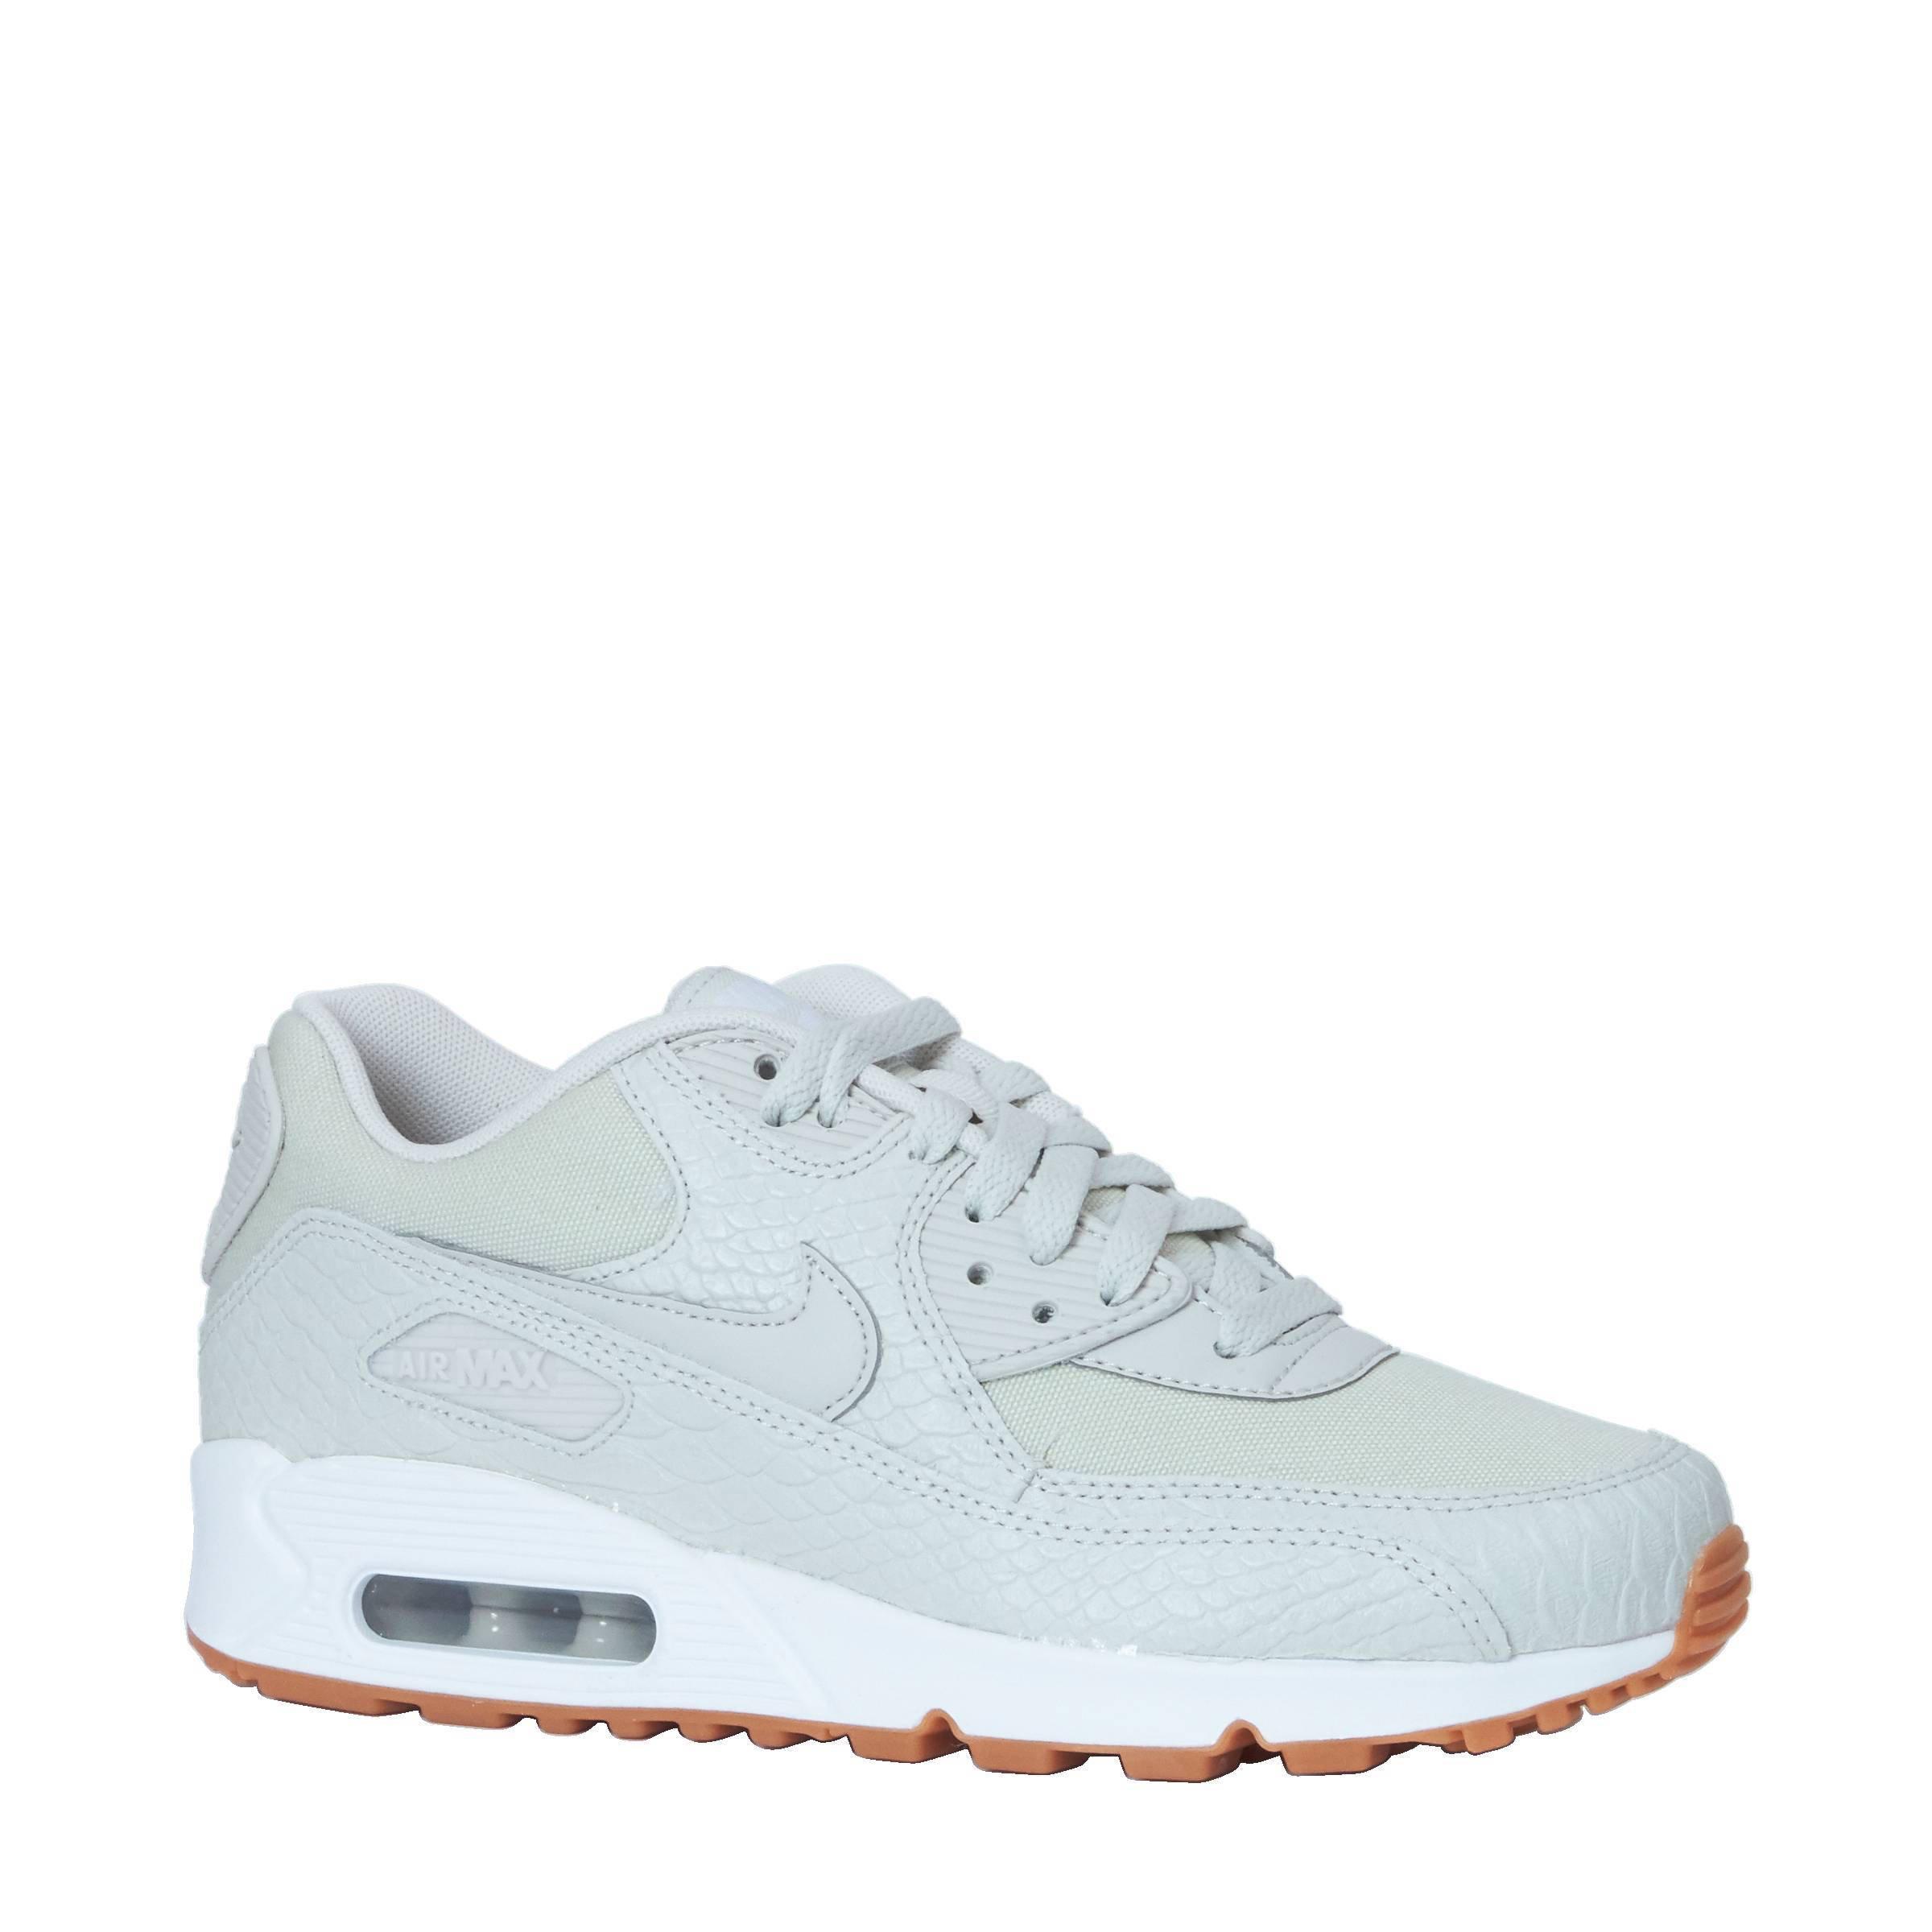 Sneakers Max Wehkamp Prem Nike Air 90 vxIn5Z0q